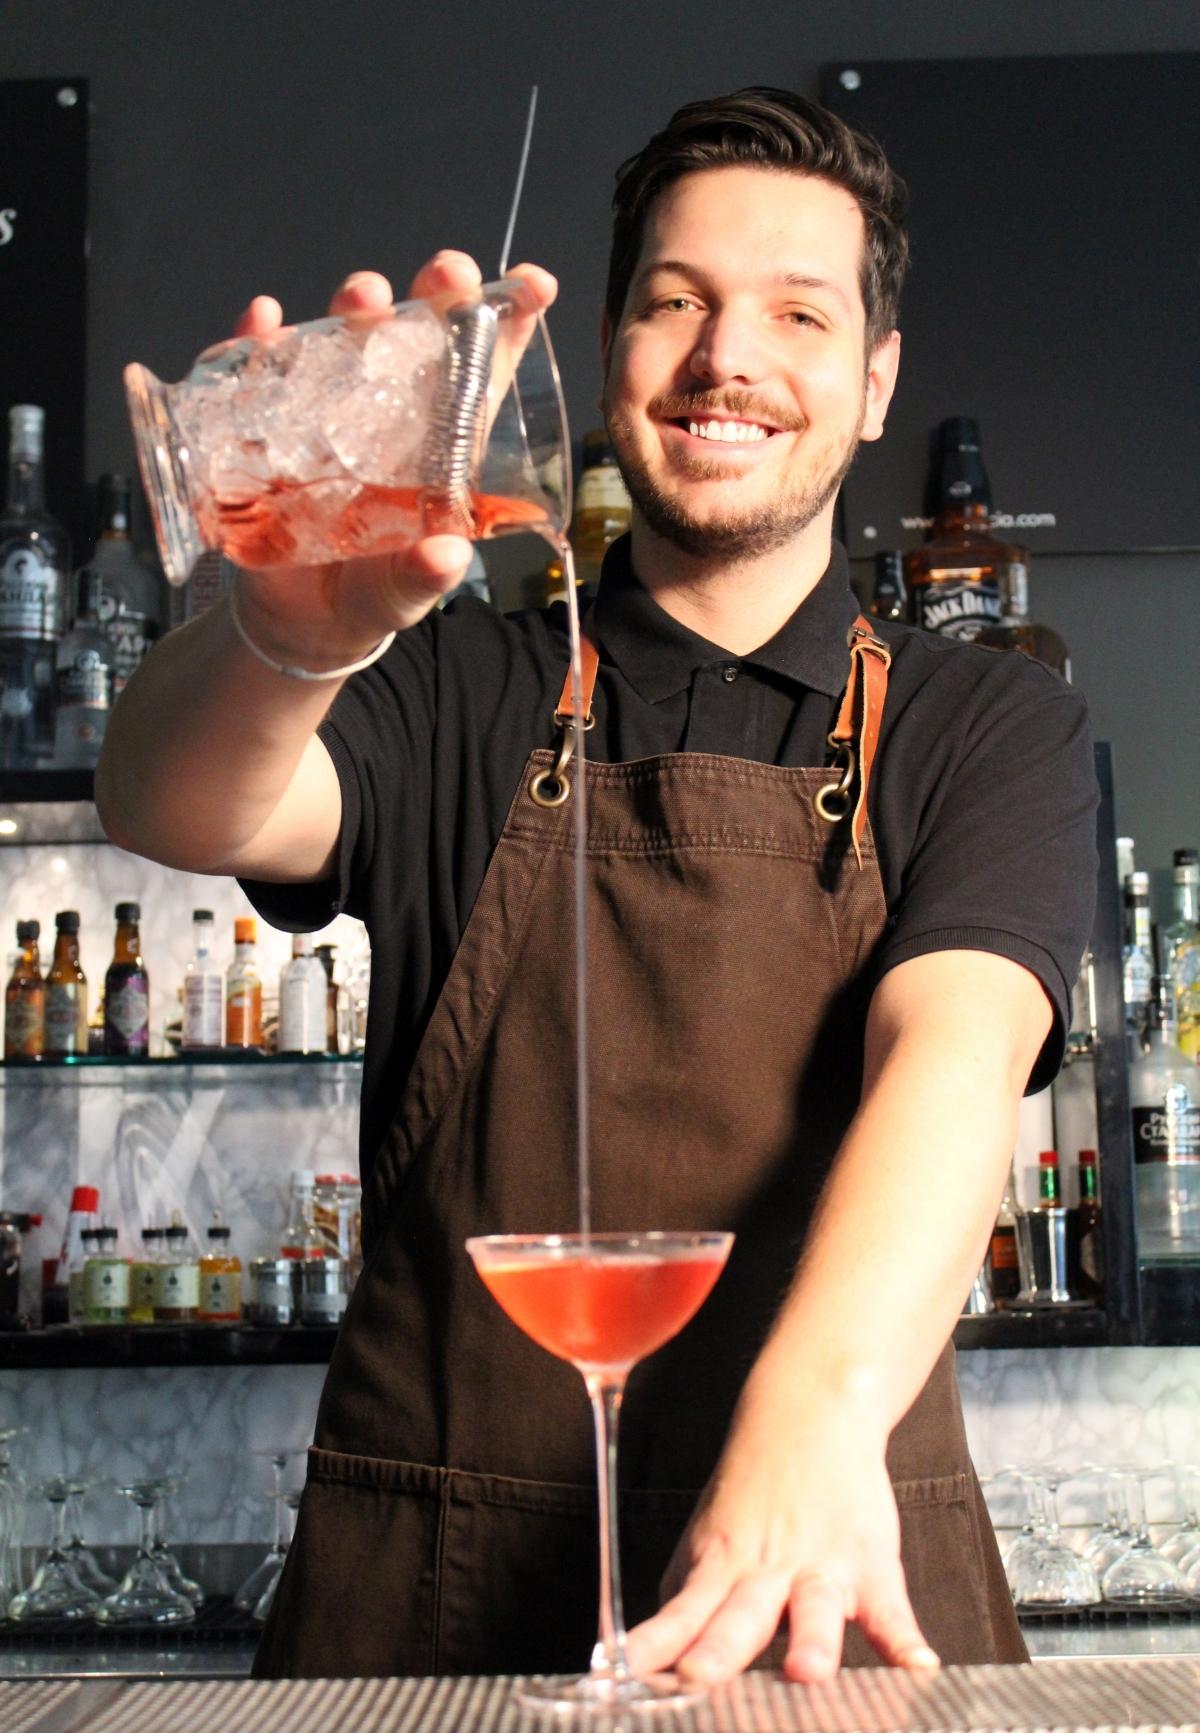 corso gratuito per diventare barman